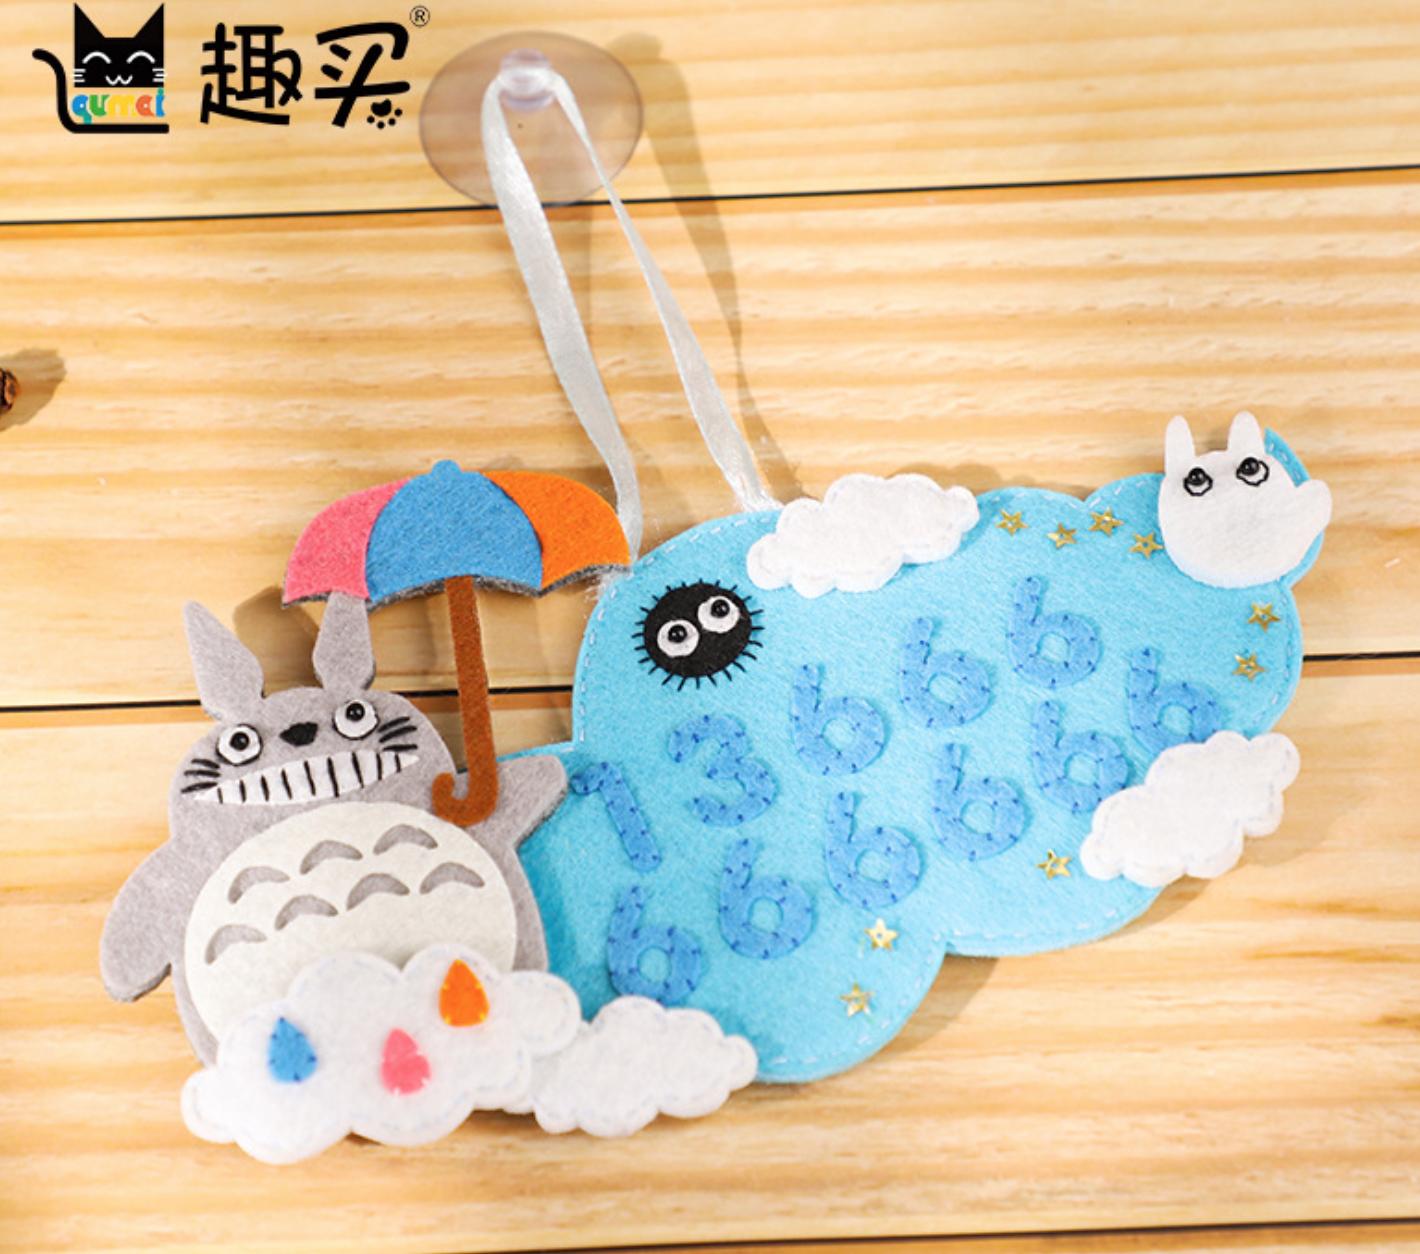 DIY Totoro Phone Number